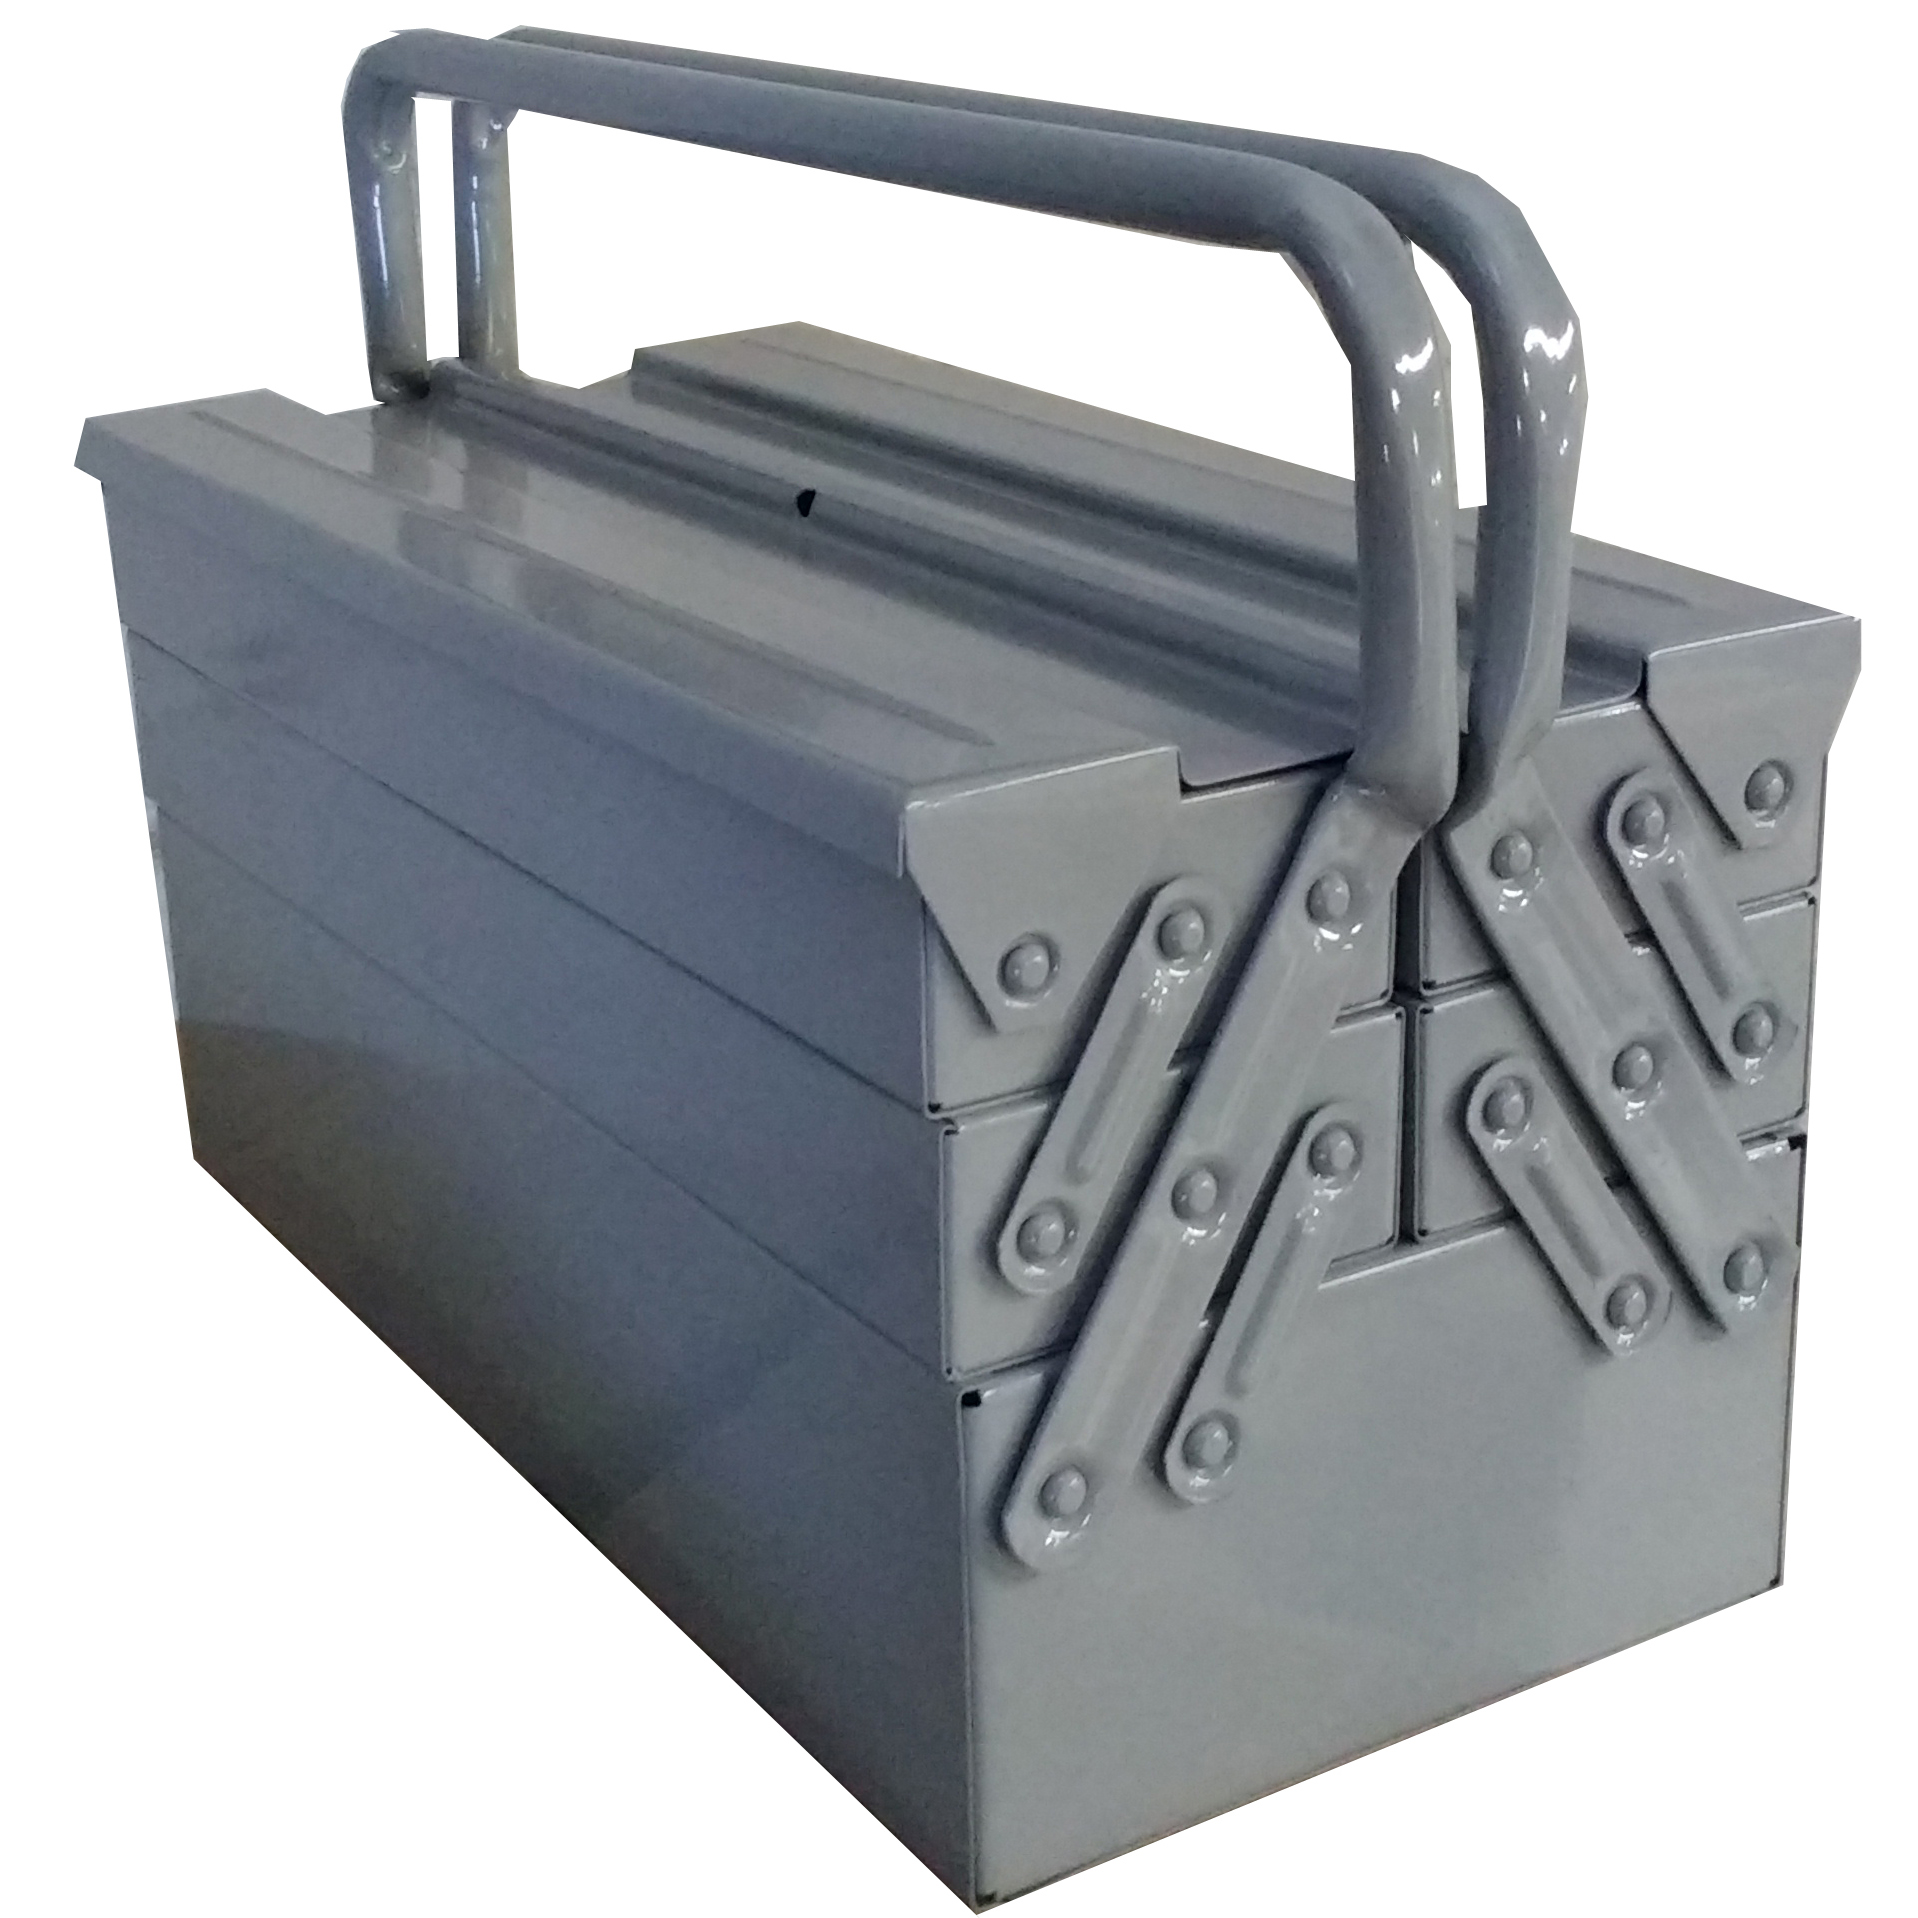 Caixa Ferramentas Sanfonada 5 Gavetas 40 cm Cabo Fixo Reforçada